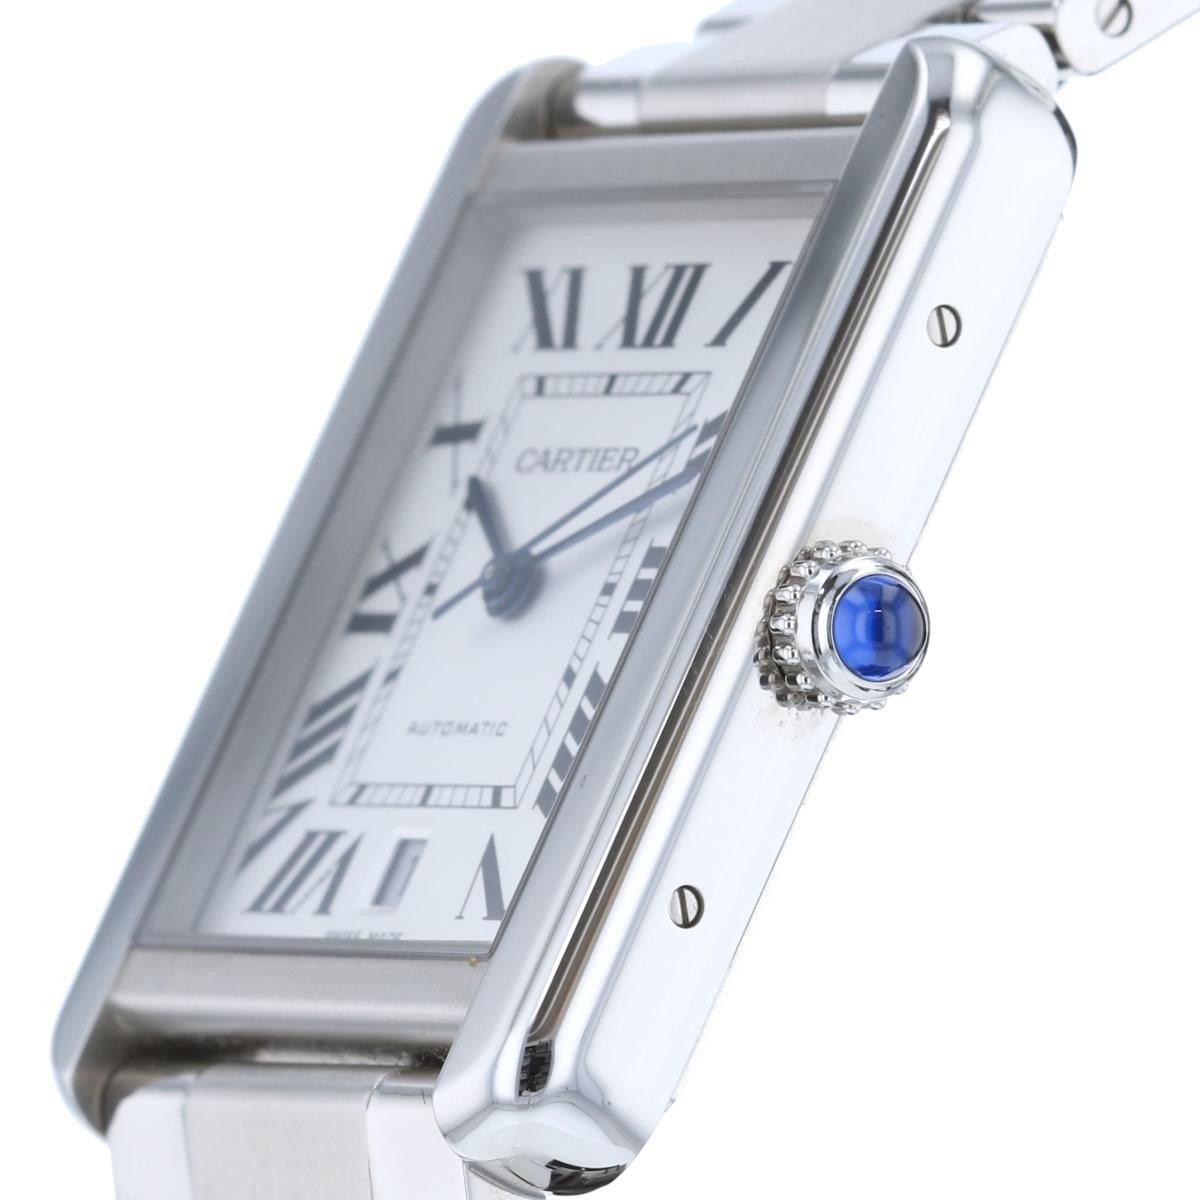 【お値下げ品】【即日発送・水曜翌日発送】【美品】【中古】 Cartier (カルティエ) タンクソロXL 時計 自動巻き/メンズ タンクソロ Silver/シルバ- W5200028 used:A